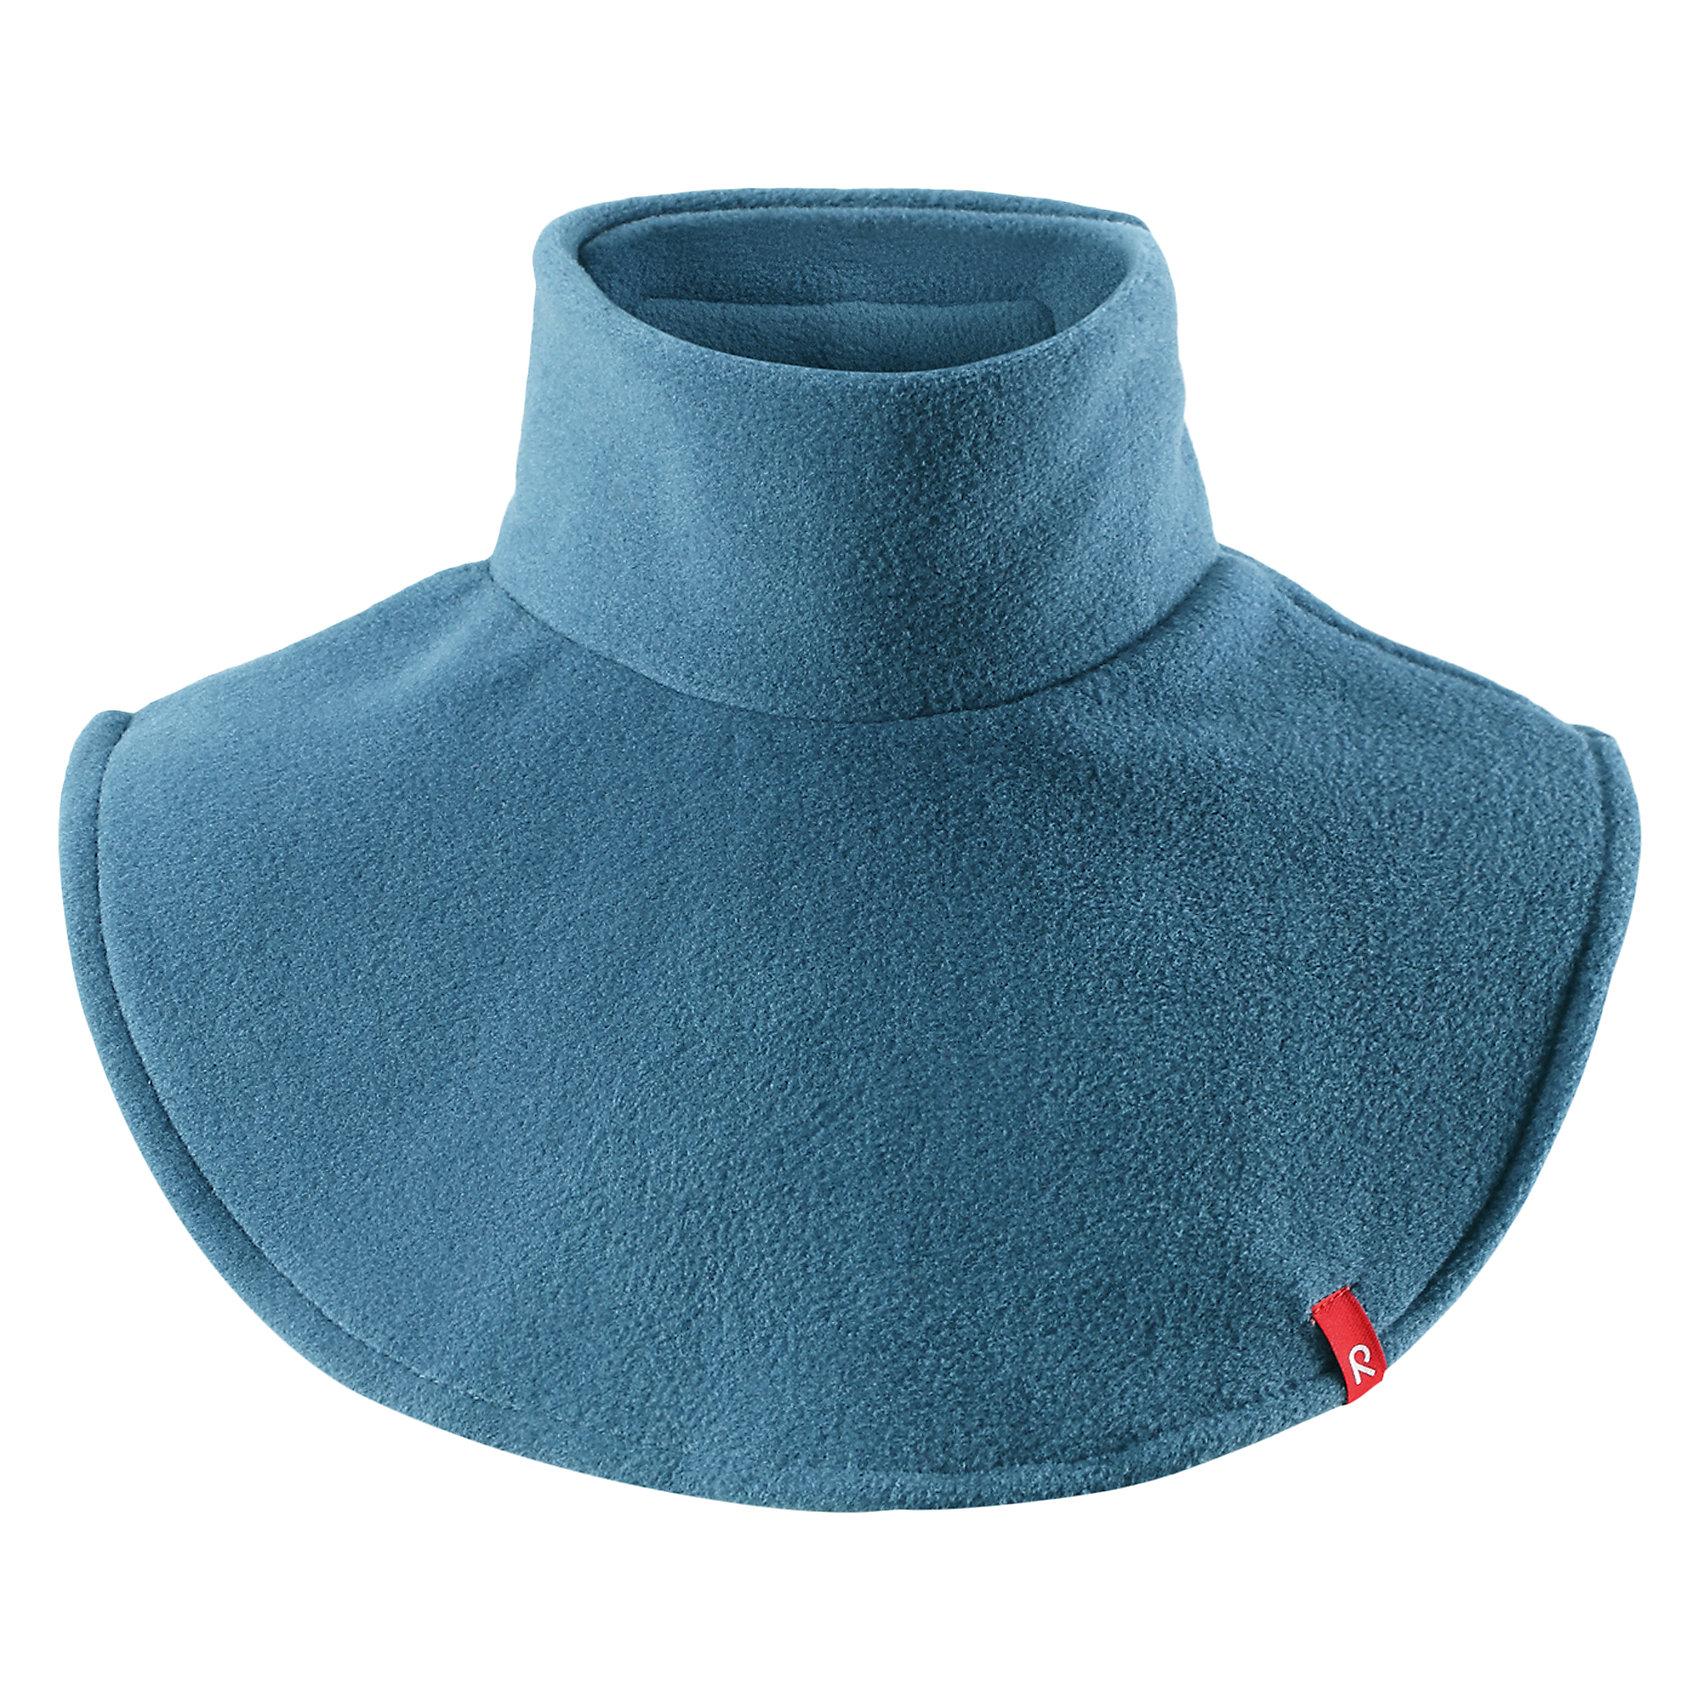 Флисовая манишка Reima DollartВерхняя одежда<br>Характеристики товара:<br><br>• цвет: голубой;<br>• состав: 100% полиэстер, флис;<br>• сезон: зима;<br>• особенности: флисовая;<br>• застежка: липучка сзади;<br>• дышащий, теплый и быстросохнущий флис;<br>• частичная подкладка;<br>• логотип Reima® спереди;<br>• страна бренда: Финляндия;<br>• страна производства: Китай.<br><br>Флисовая манишка для малышей и детей постарше сделает любую демисезонную и зимнюю верхнюю одежду теплее и уютнее. Теплый флис – мягкий и приятный на ощупь, а застежка-липучка сзади облегчает надевание и не дает горловине сползать. Легкий, быстросохнущий, и дышащий полярный флис отводит влагу с кожи.<br><br>Флисовую манишку Reima Dollart можно купить в нашем интернет-магазине.<br><br>Ширина мм: 88<br>Глубина мм: 155<br>Высота мм: 26<br>Вес г: 106<br>Цвет: синий<br>Возраст от месяцев: 48<br>Возраст до месяцев: 168<br>Пол: Унисекс<br>Возраст: Детский<br>Размер: one size<br>SKU: 6902765